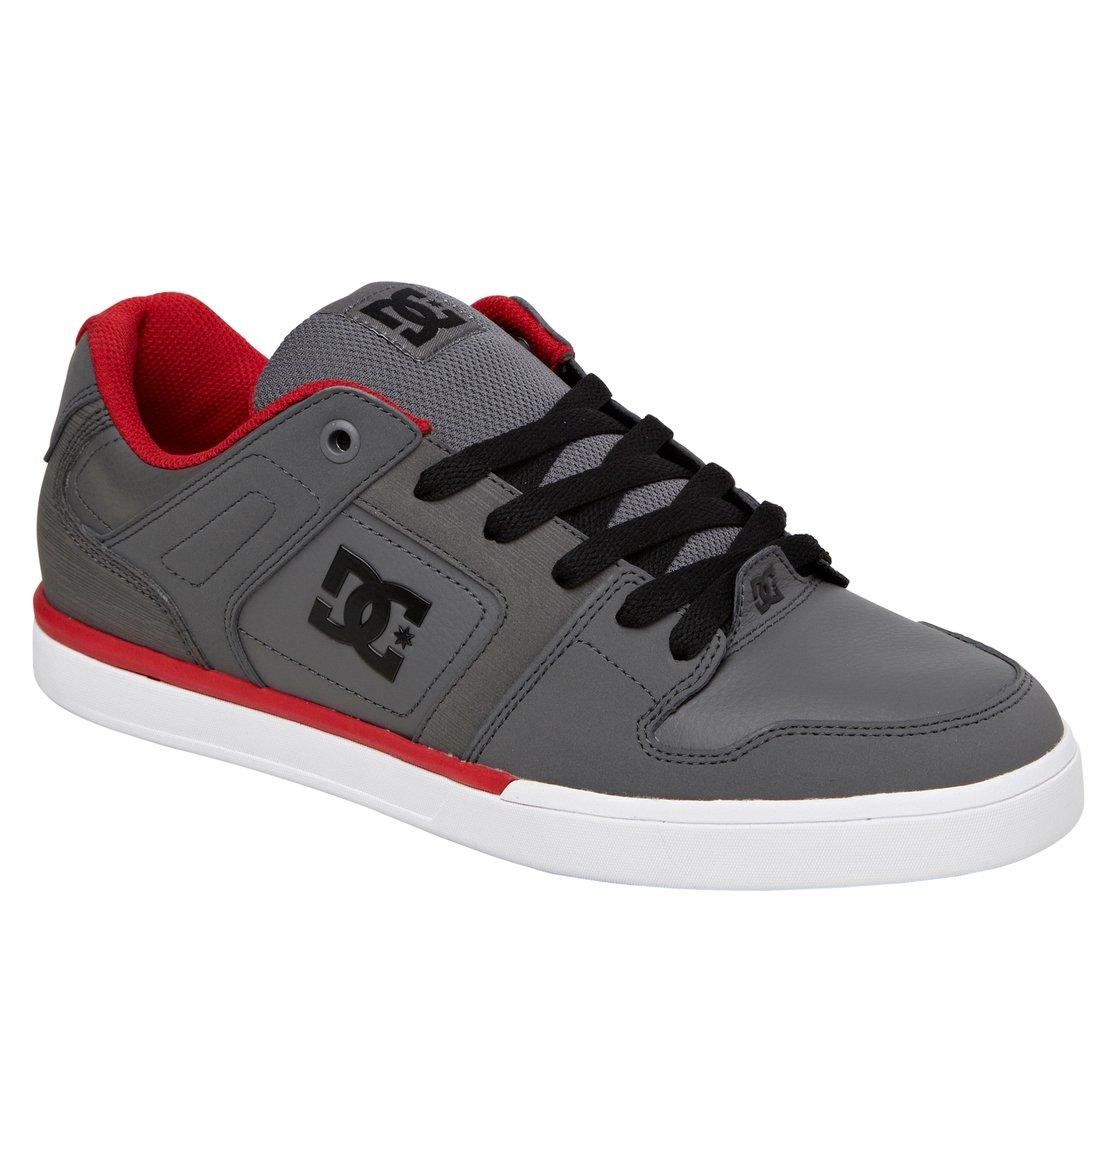 Static Shoes 887767413164DC Men's Static Men's Men's 887767413164DC Shoes Shoes Shoes UpSMzqV